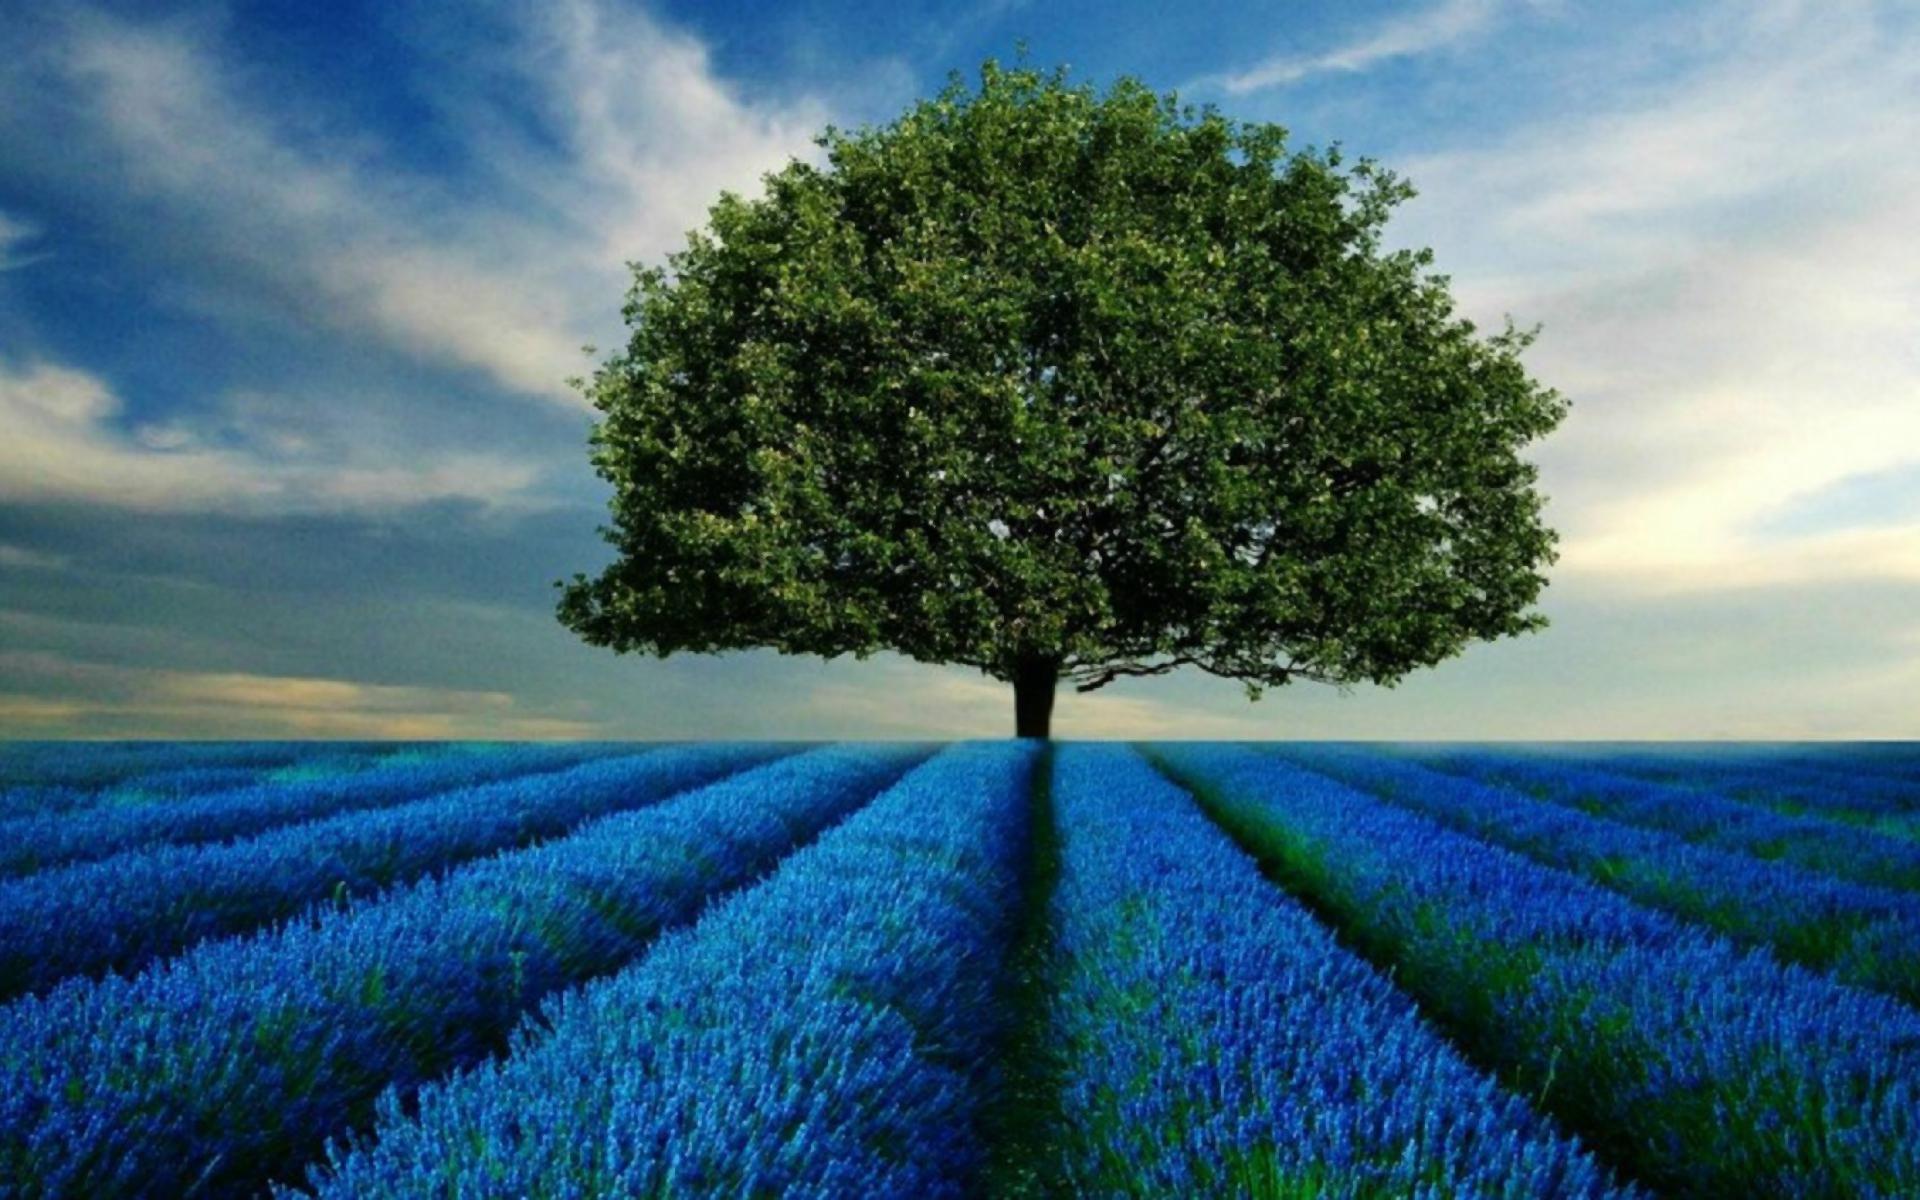 lavender field hd desktop - photo #33